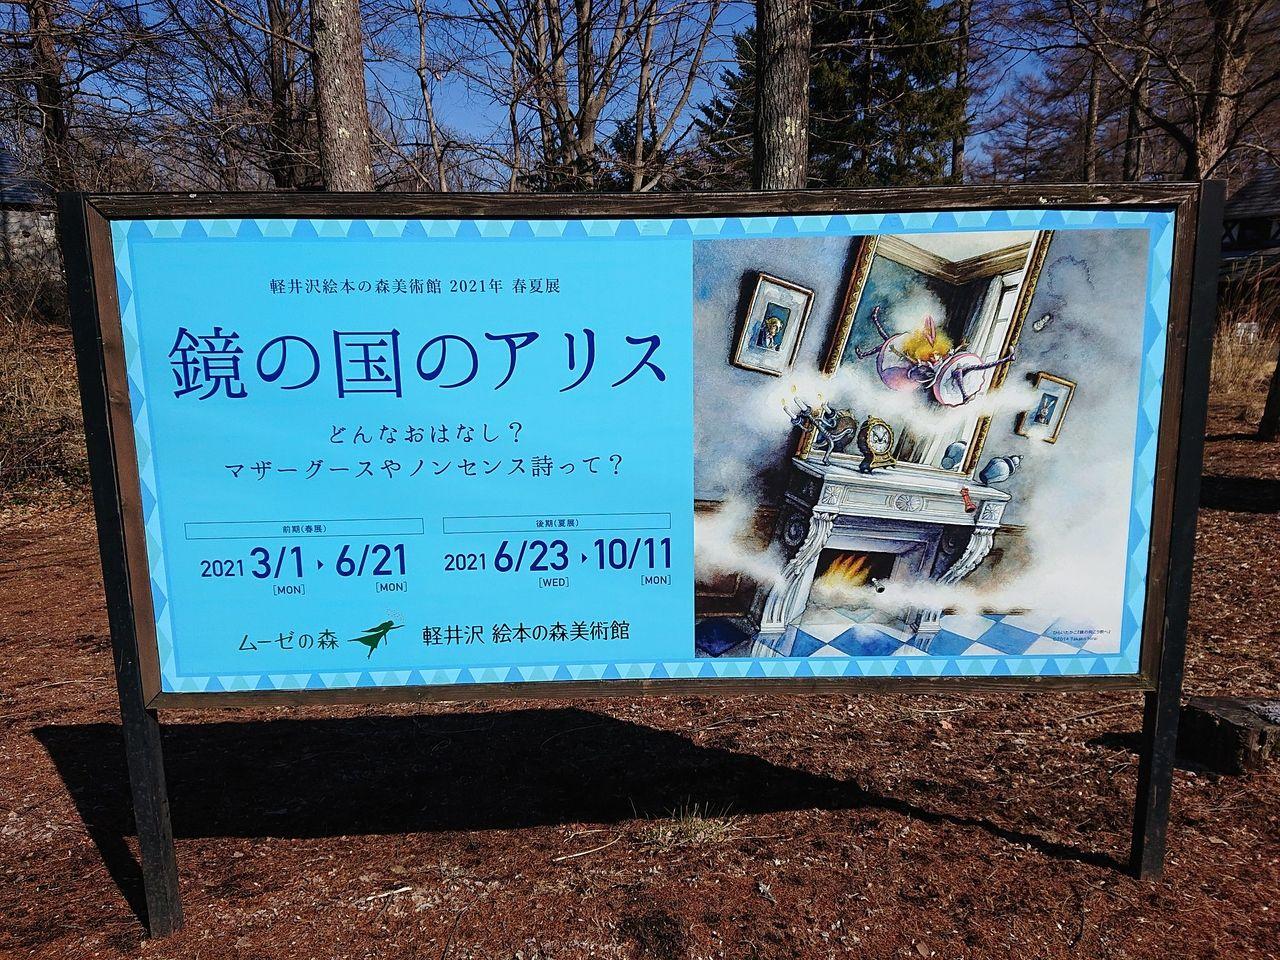 軽井沢観光 「鏡の国のアリス」展 絵本の森美術館